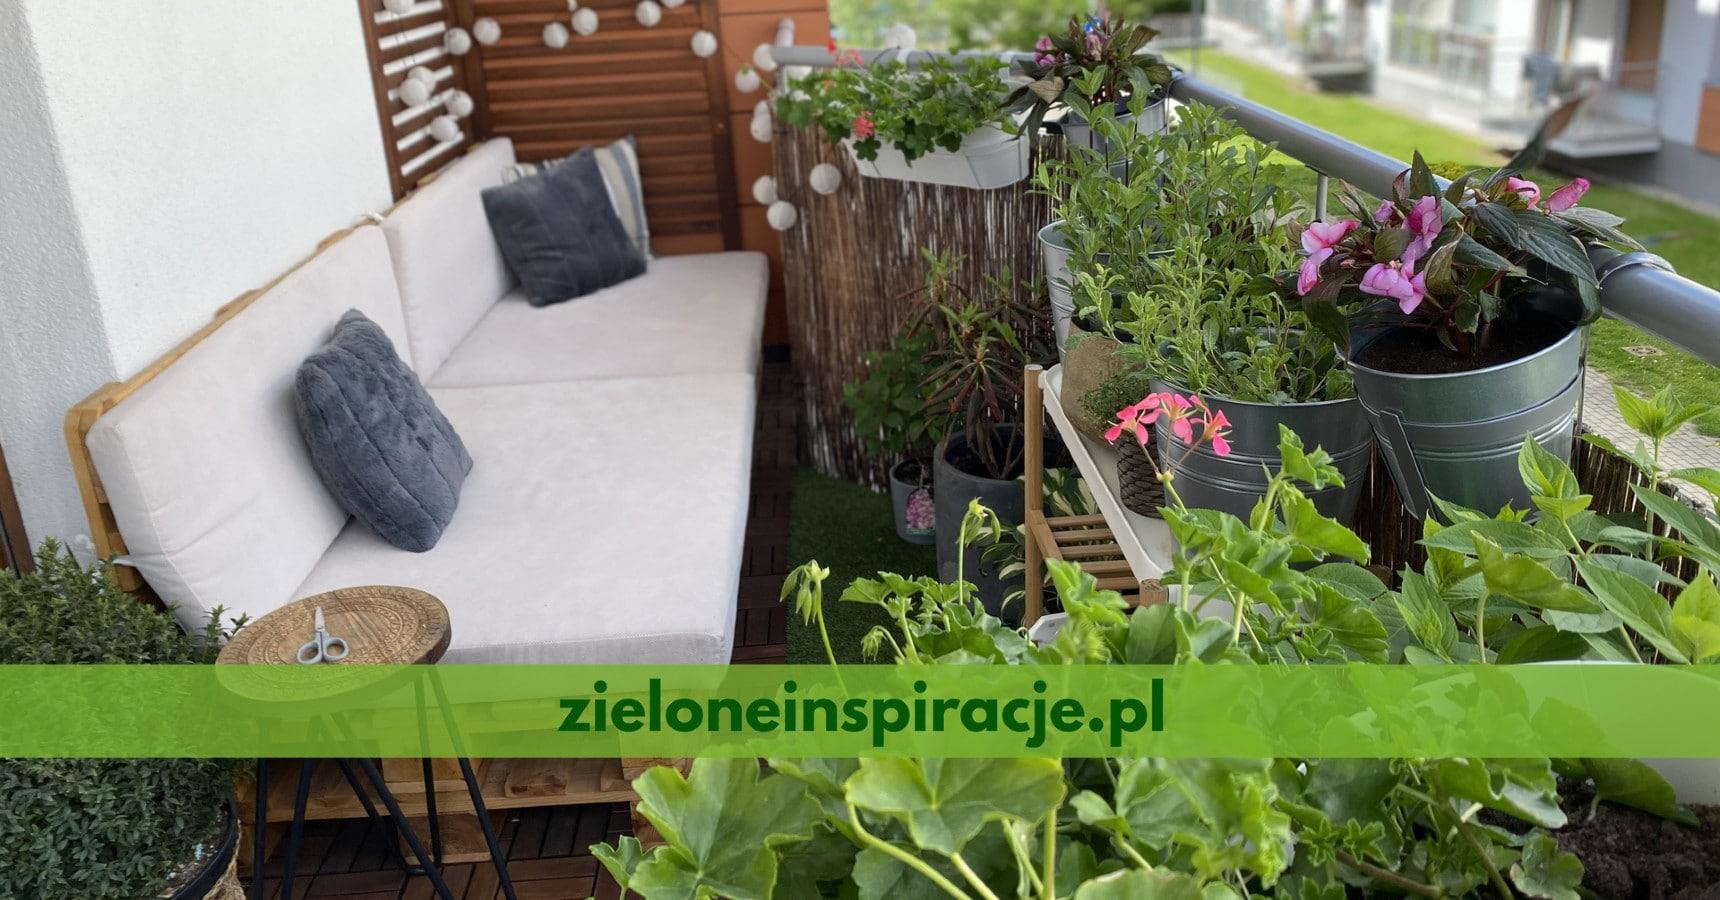 zieloneinspiracje.pl